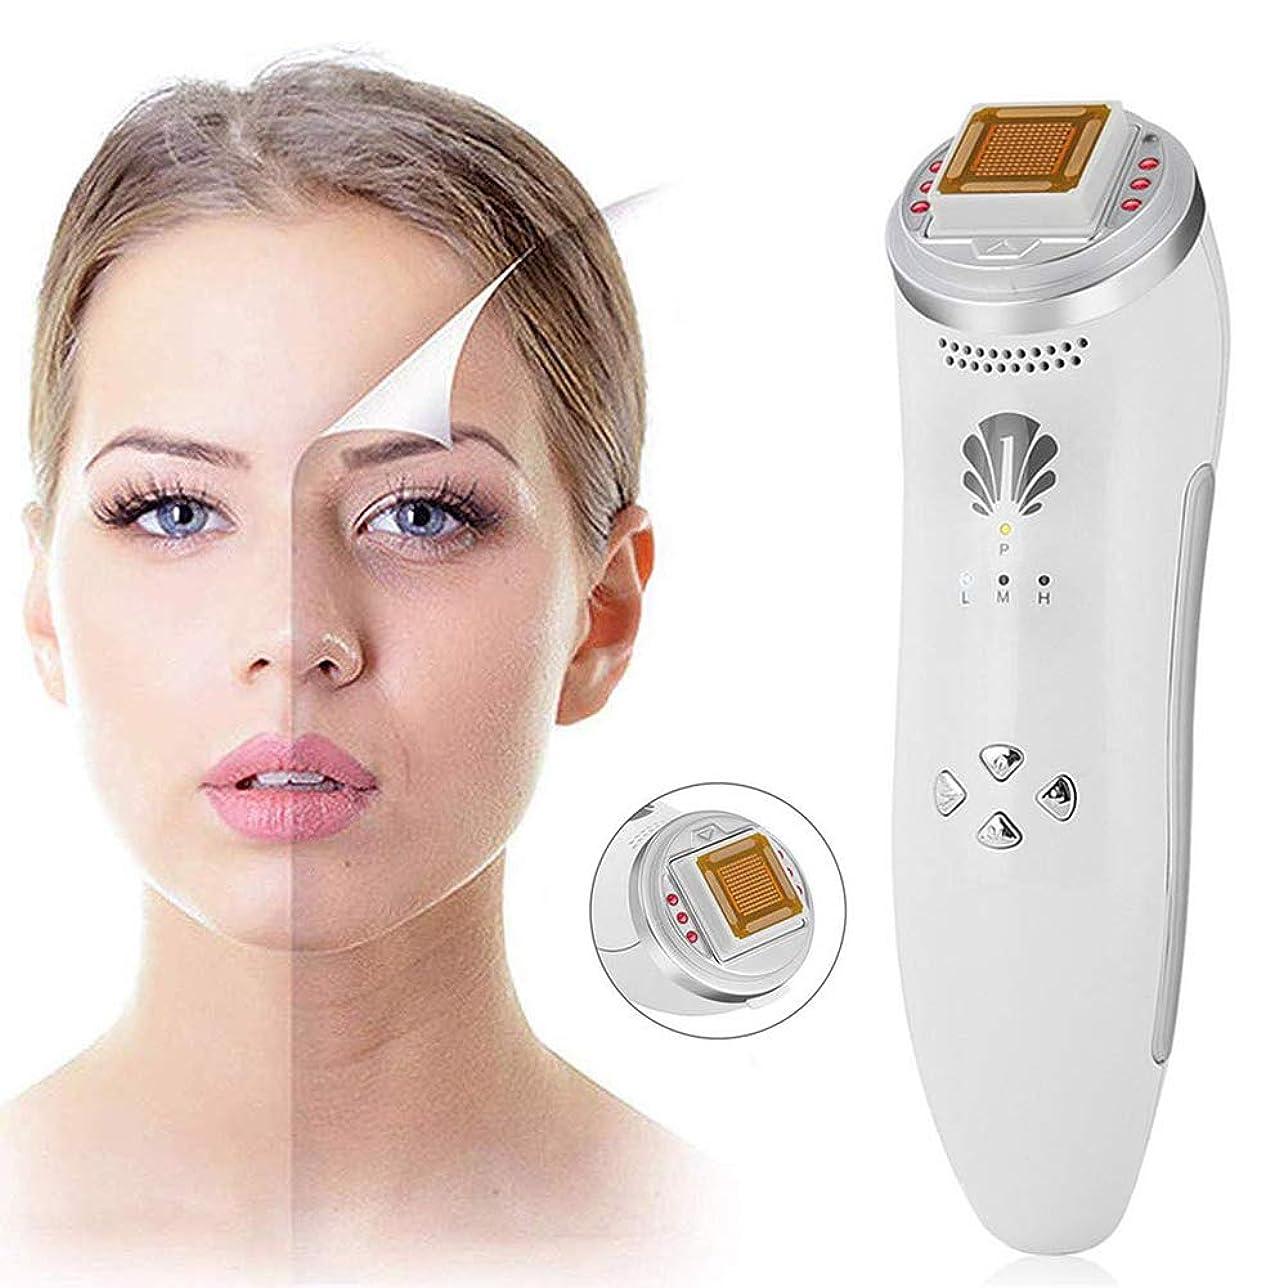 プラスチックほとんどの場合酔うしわのためのフェイスリフト装置の皮のきつく締まる機械は顔のマッサージャー多機能のスキンケアの美の器械を取除きます